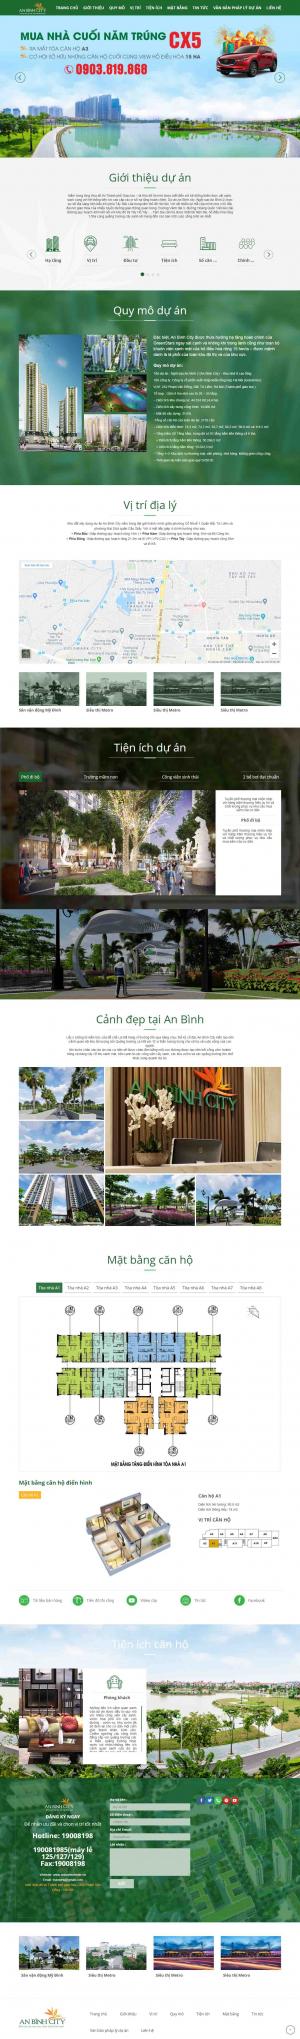 Mẫu website bất động sản chuyên nghiệp